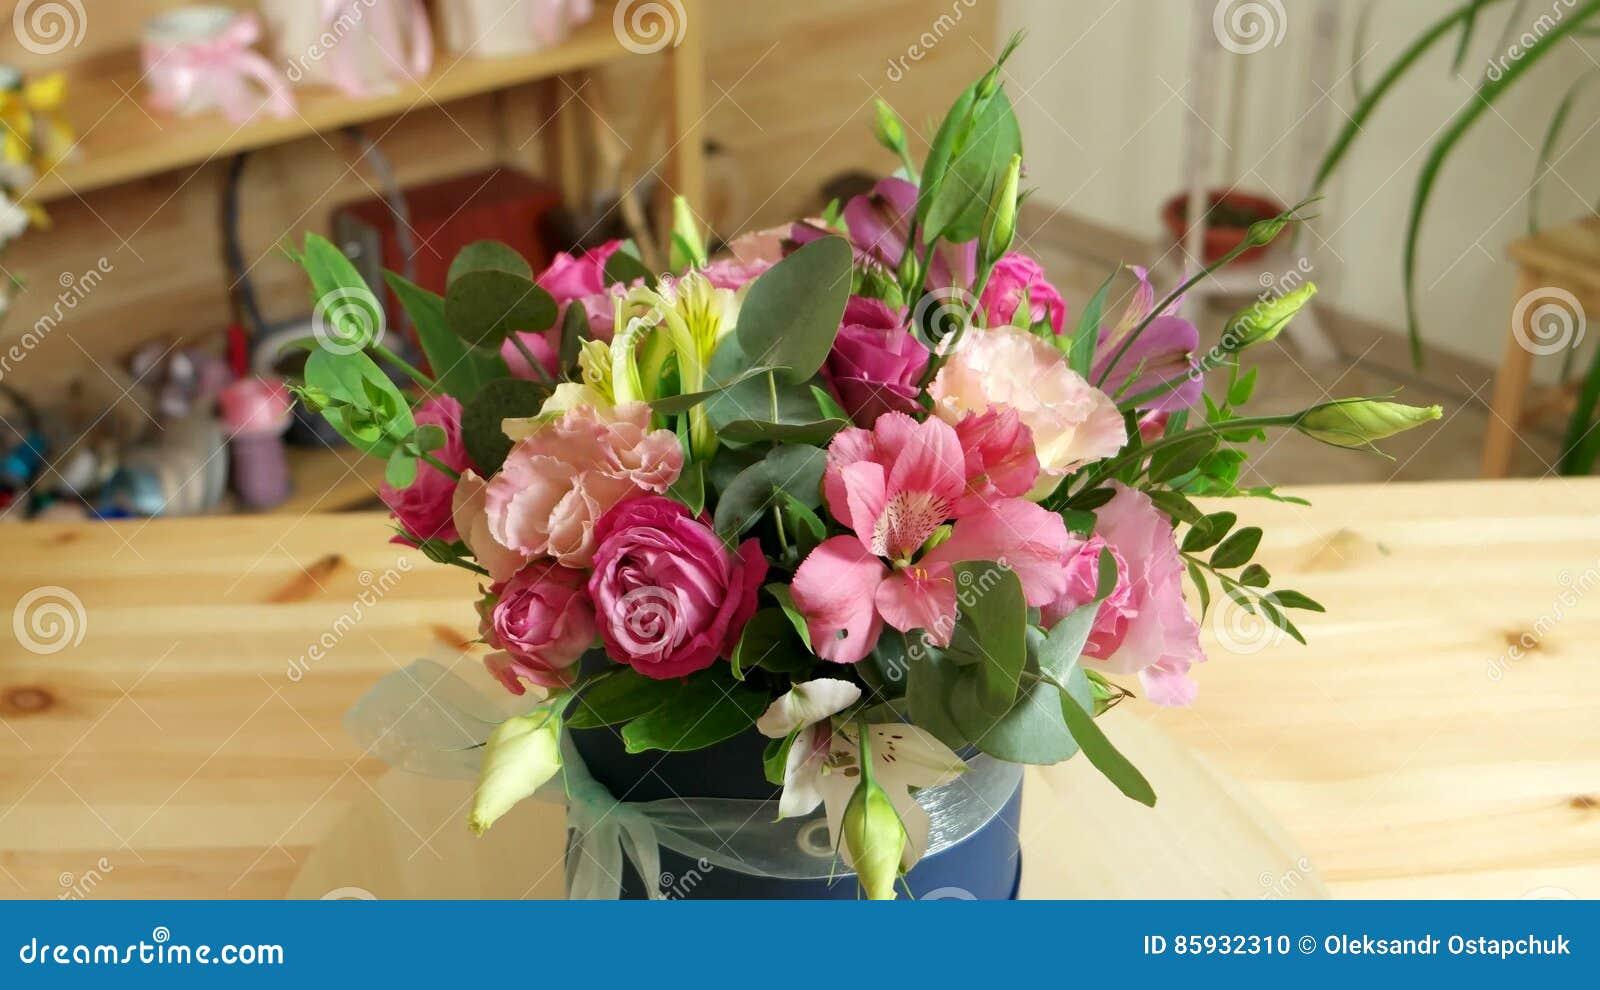 Forme Los Arreglos Florales De Las Rosas Y De Otras Plantas